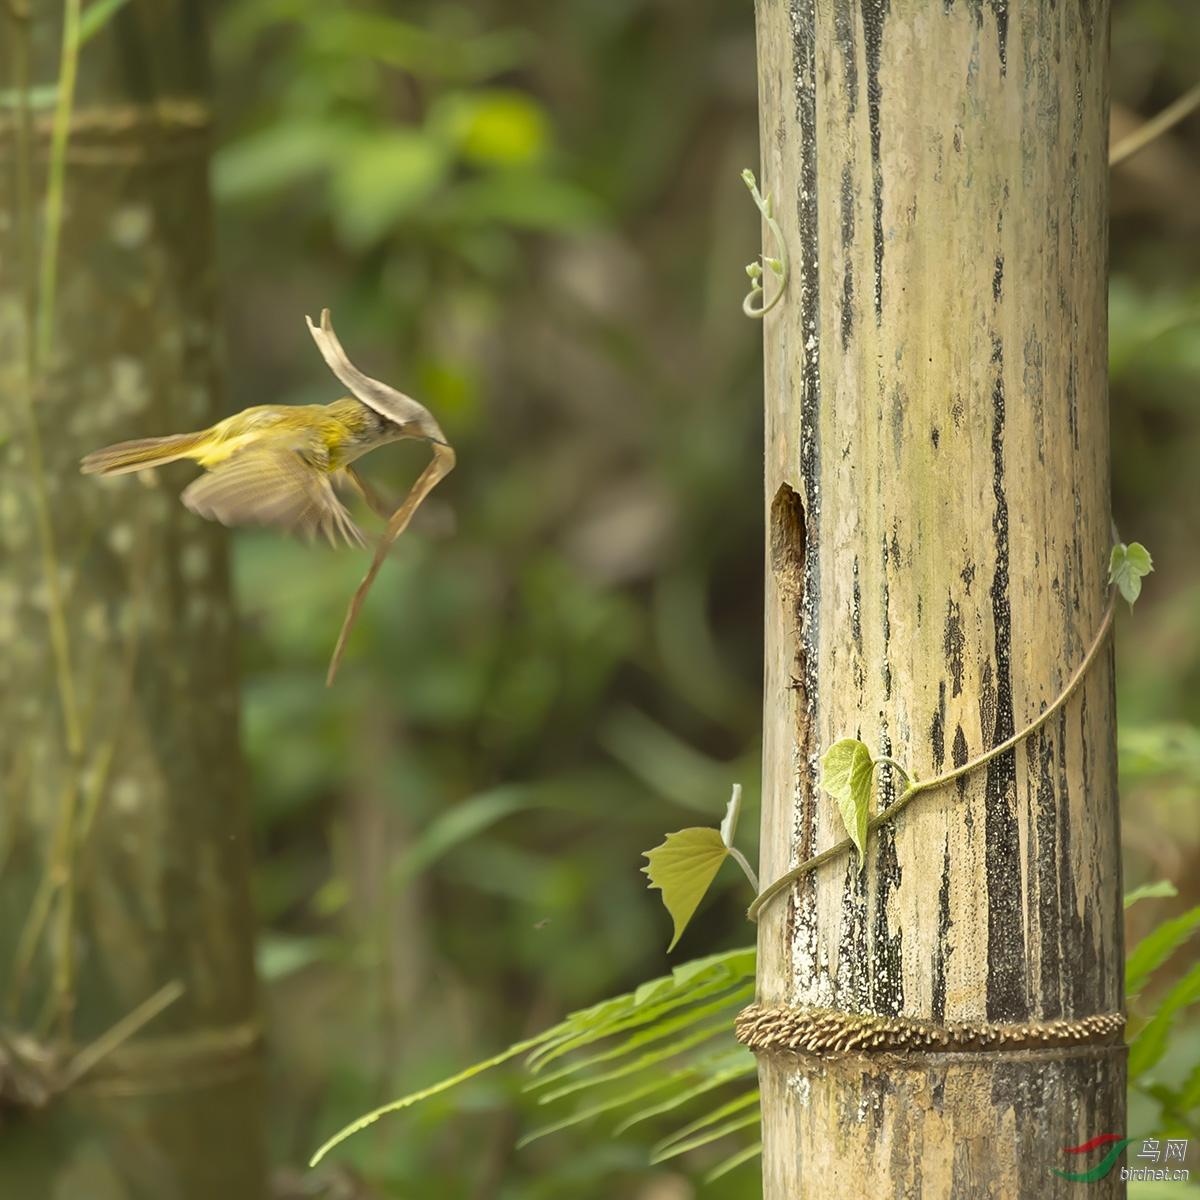 图二、图三:忙碌的黄腹鶲莺叼着叶子来铺垫这个现成的房子,风将树叶吹的挡住了黄腹鶲莺飞行的视线以至于撞 ...